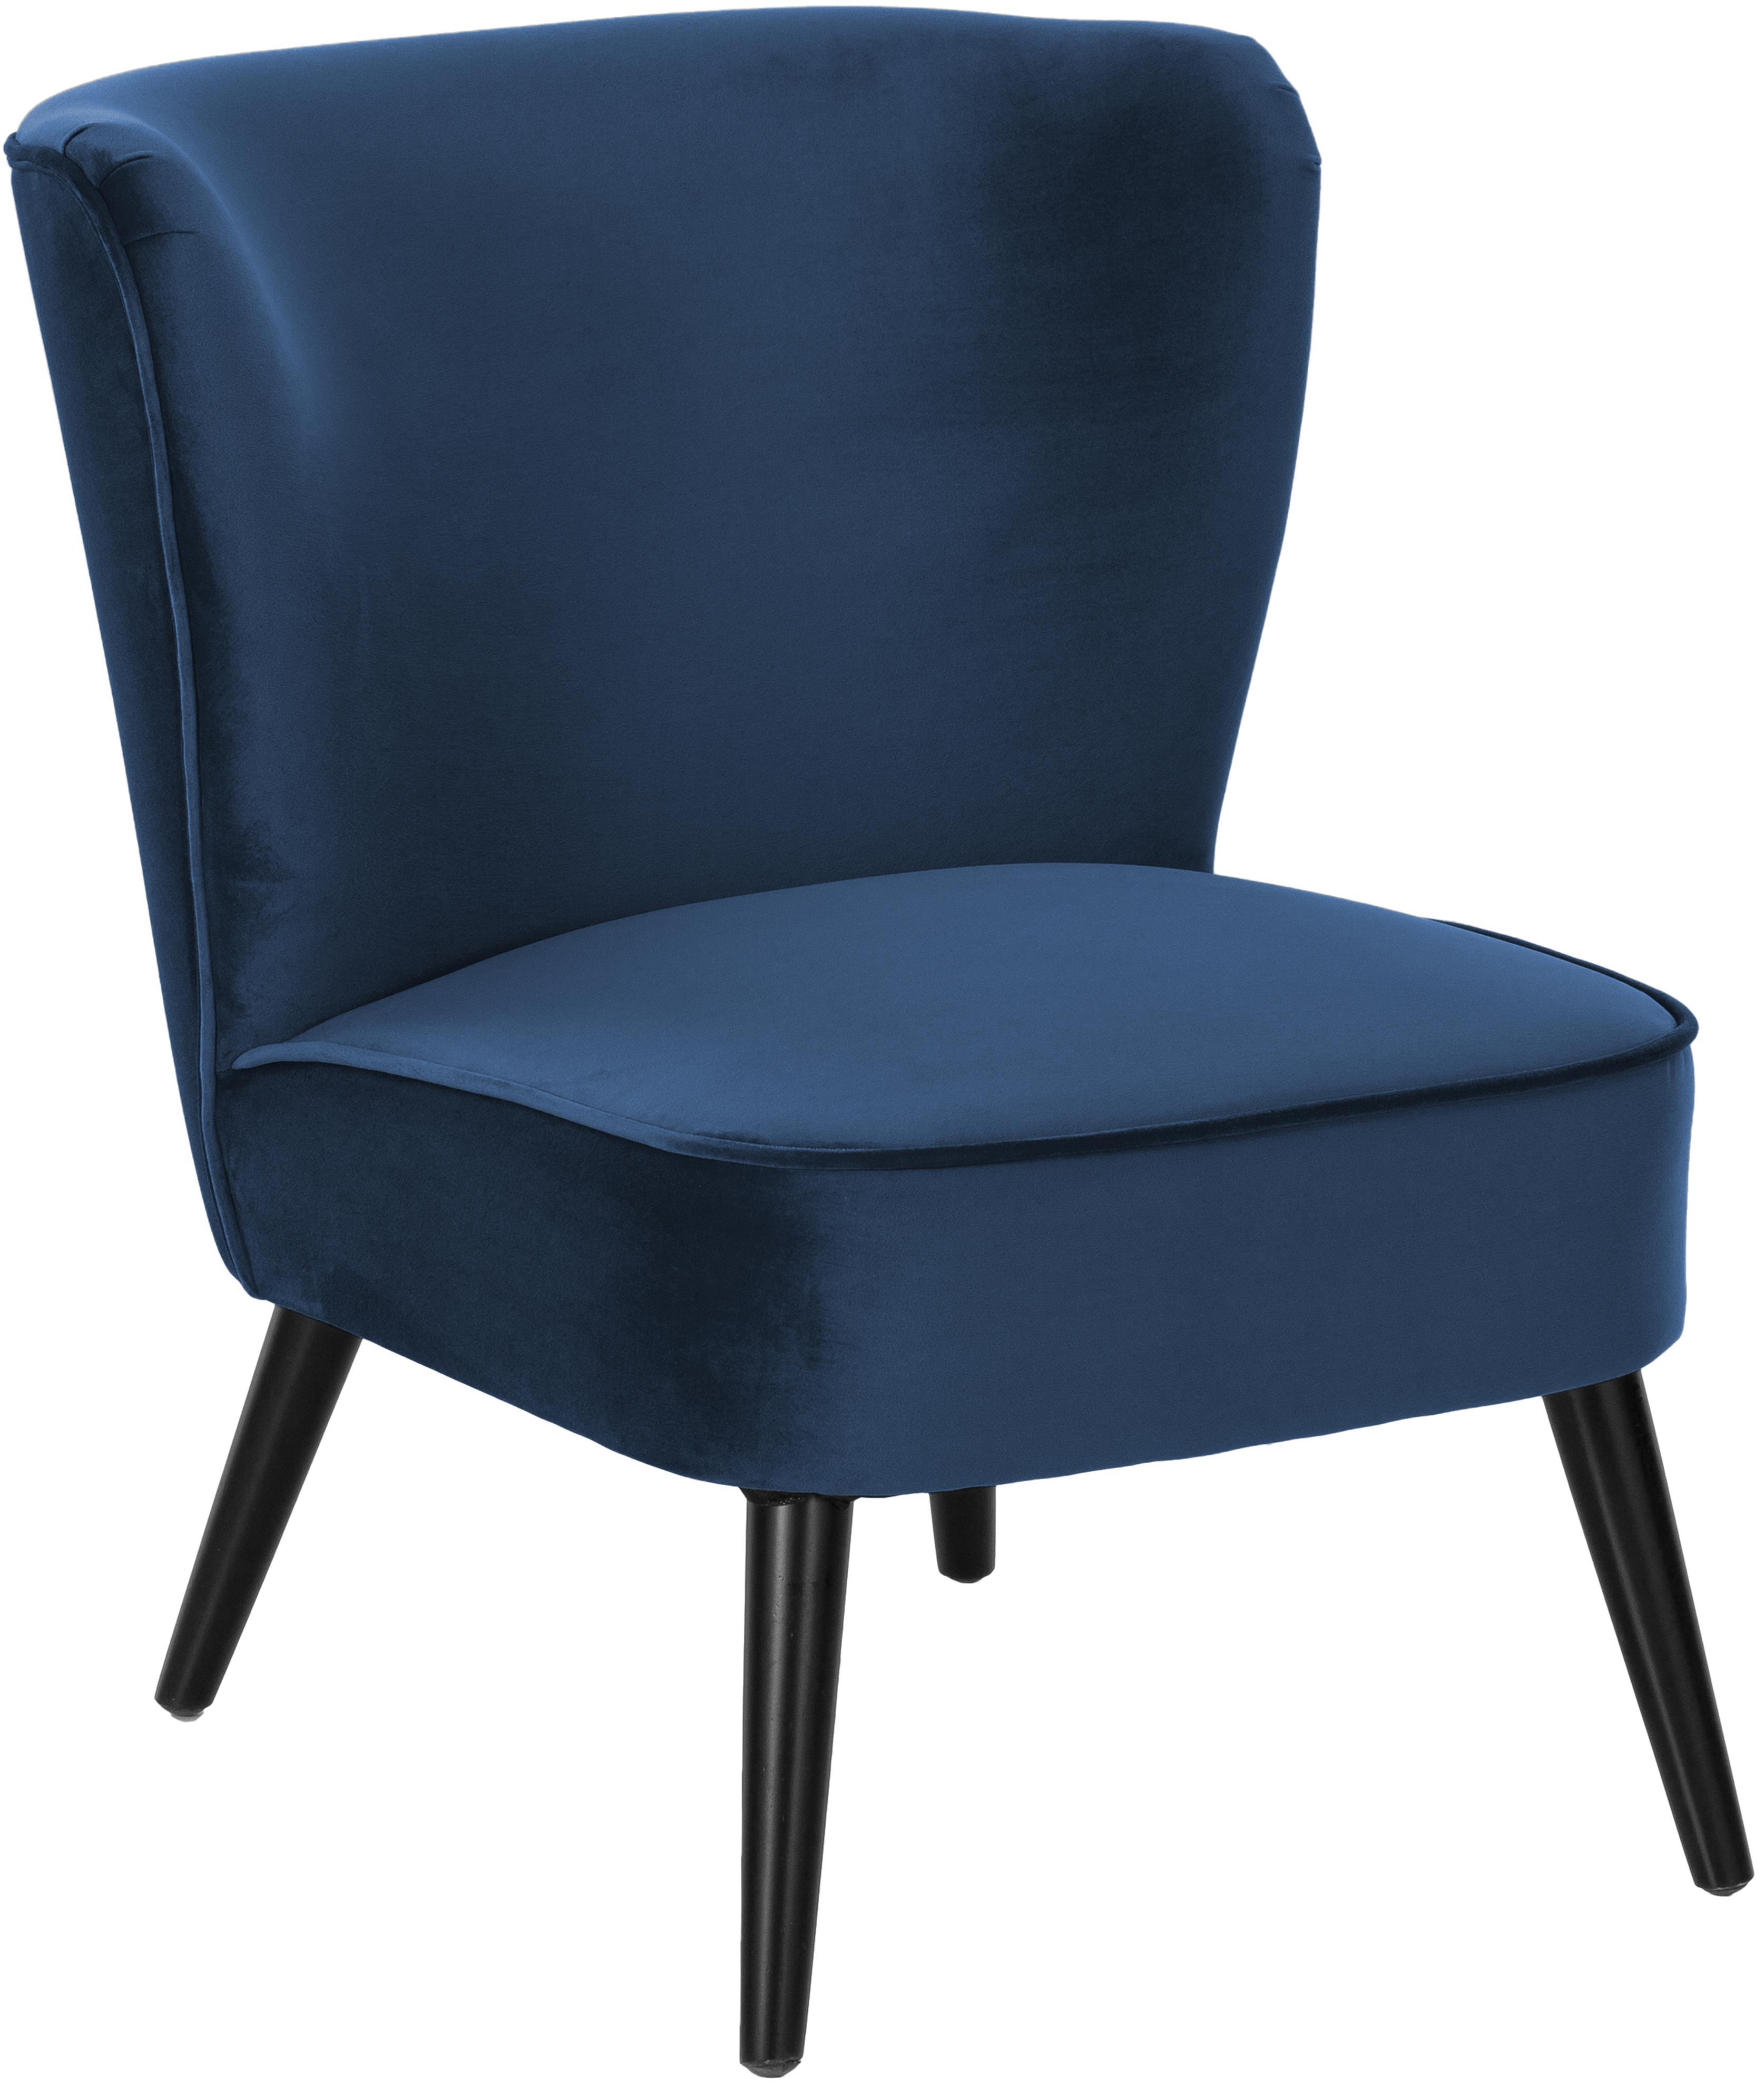 Sillón de terciopelo Robine, Tapizado: terciopelo (poliéster) 30, Patas: madera de pino pintados, Terciopelo azul oscuro, An 63 x F 73 cm